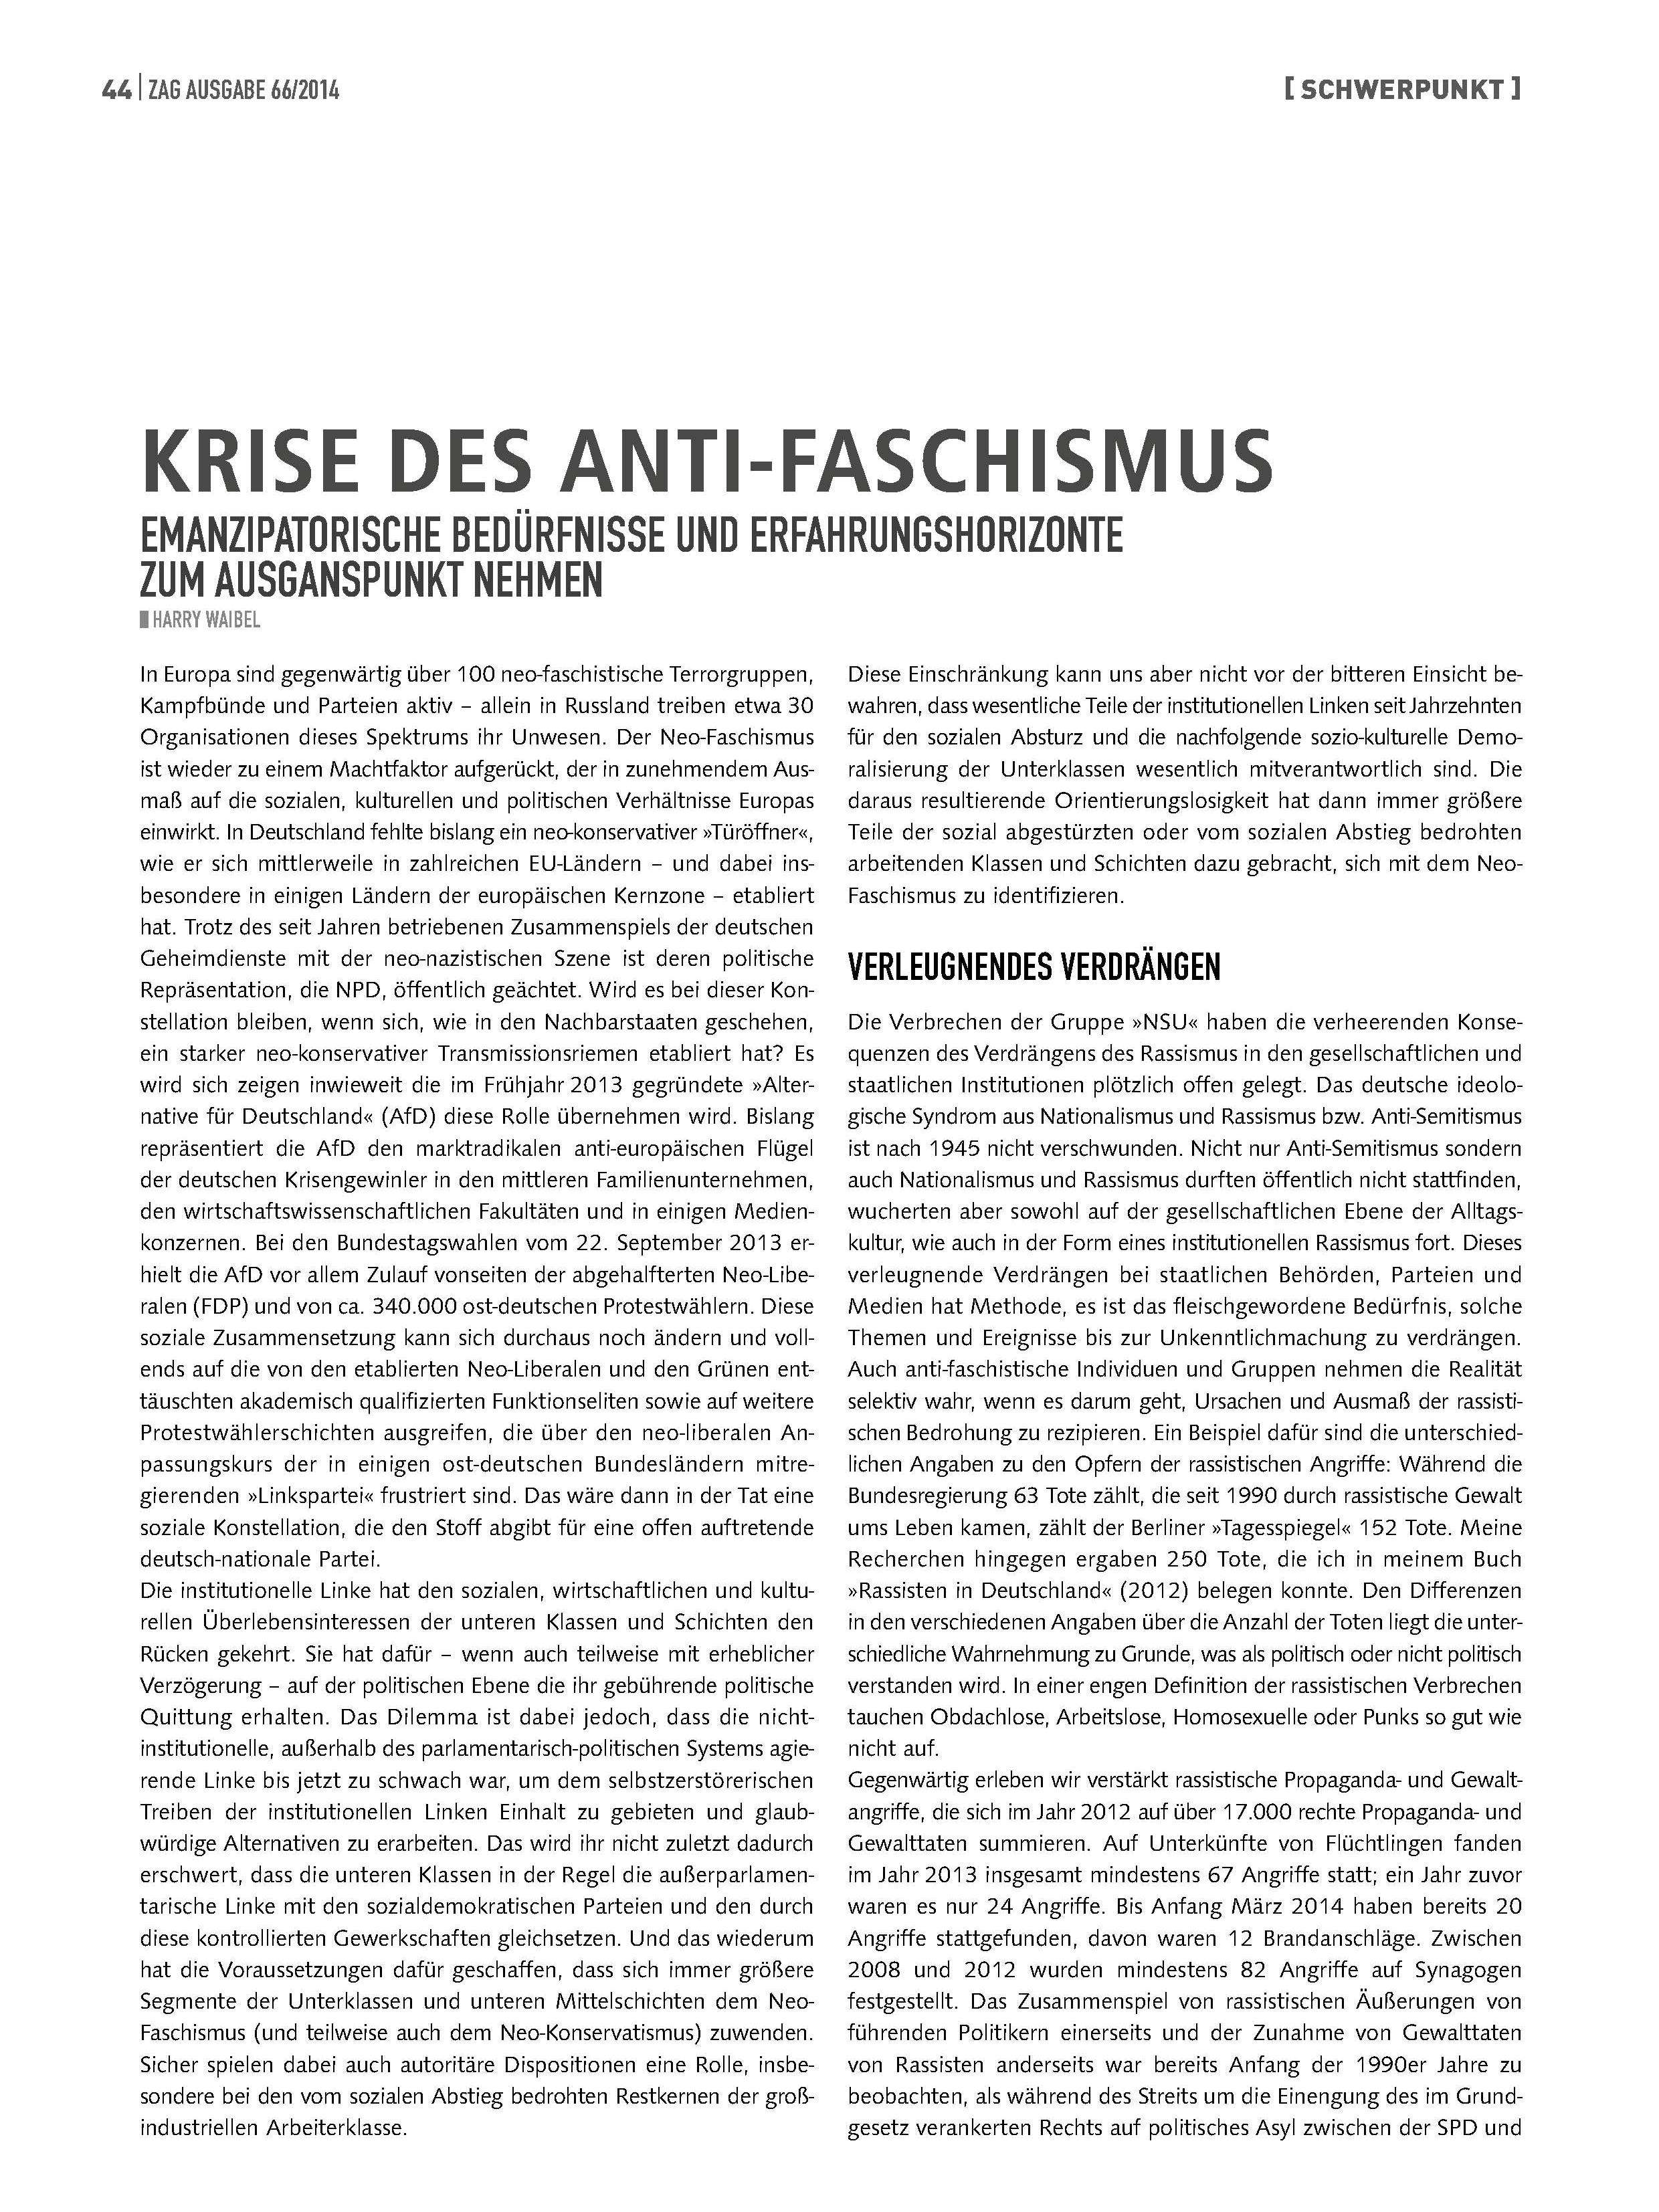 Krise des Anti-Faschismus - Emanzipatorische Bedürfnisse und die Erfahrungshorizonte zum Ausgangspunkt nehmen